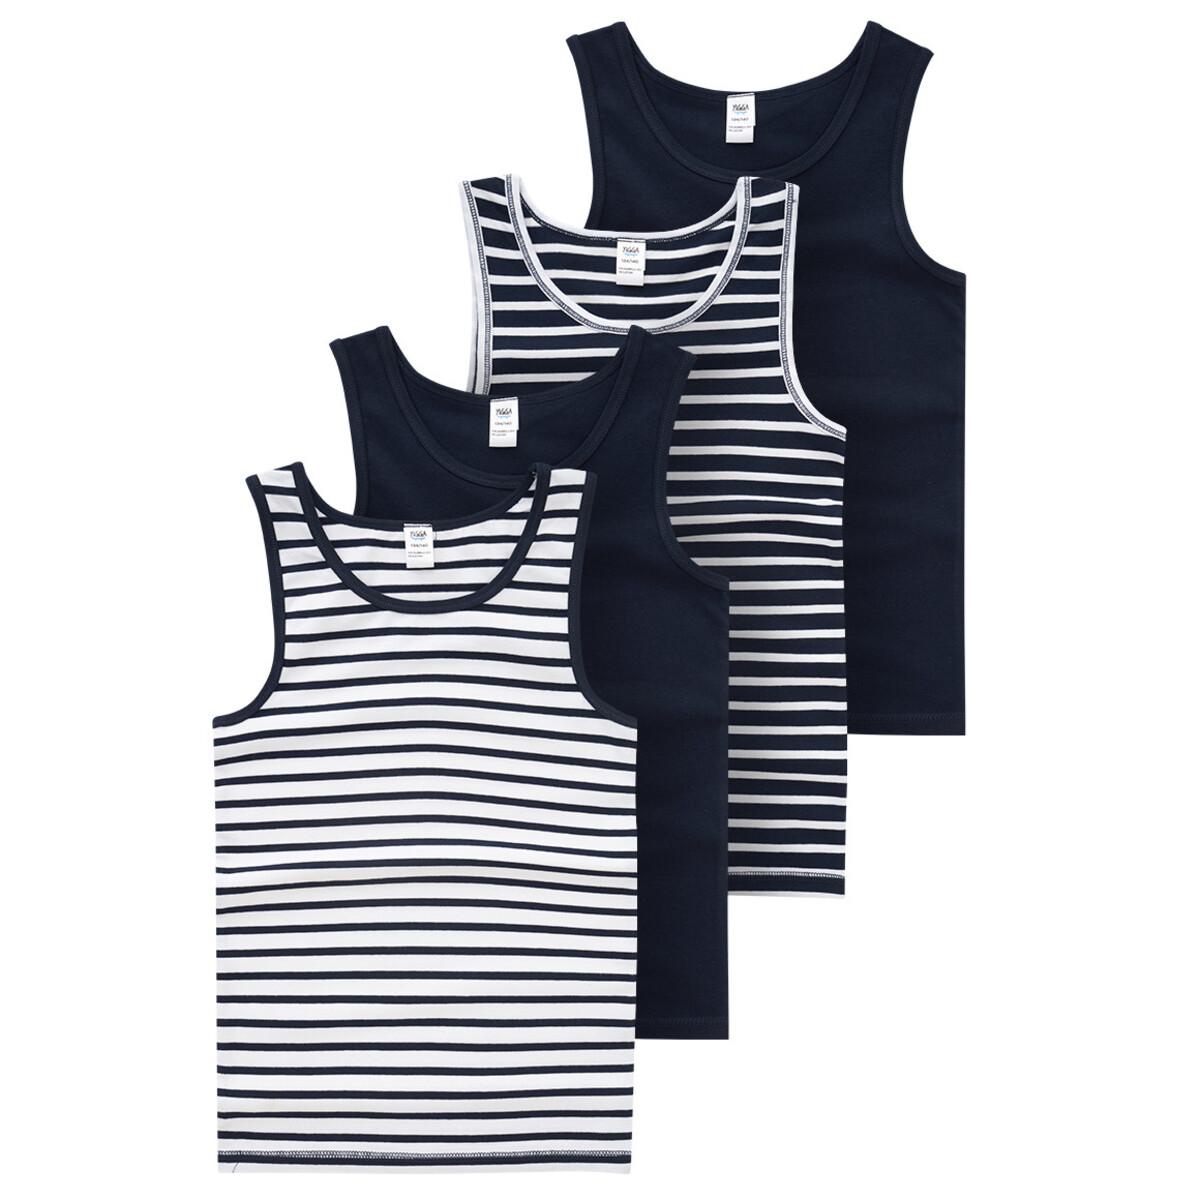 Bild 1 von 4 Jungen Unterhemden in verschiedenen Dessins